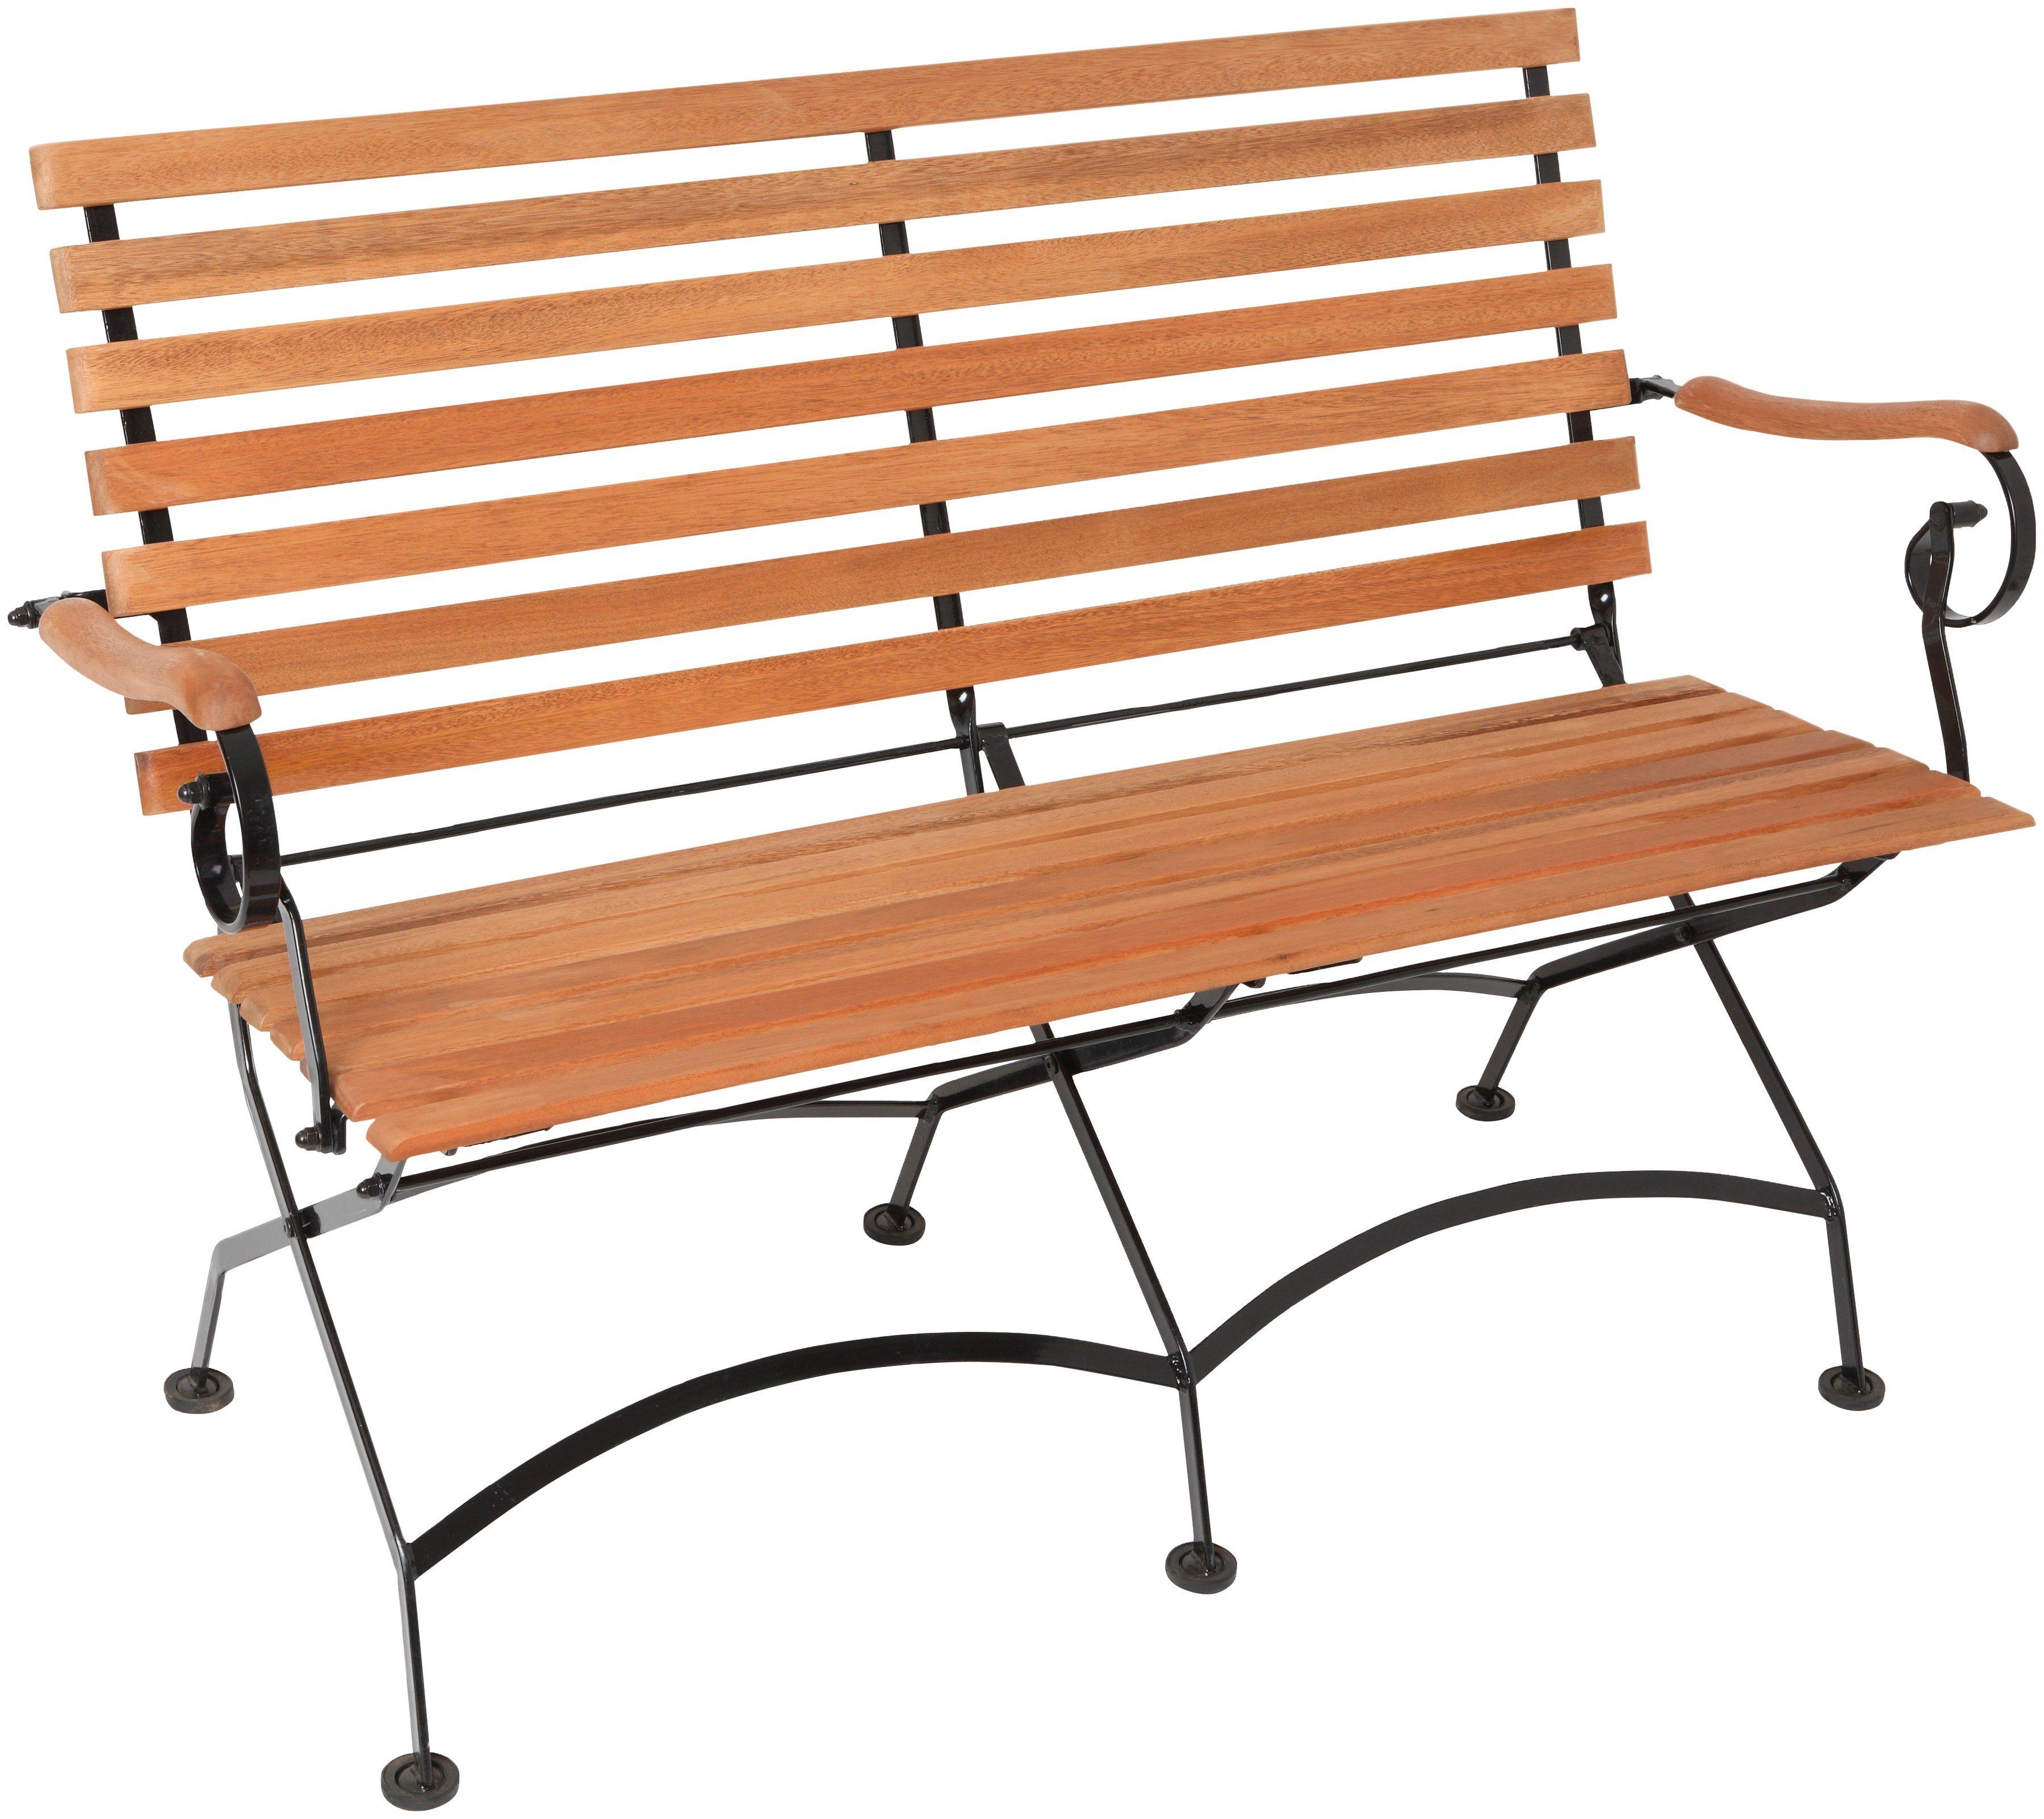 gruen-massivholz Gartenbänke online kaufen   Möbel-Suchmaschine ...